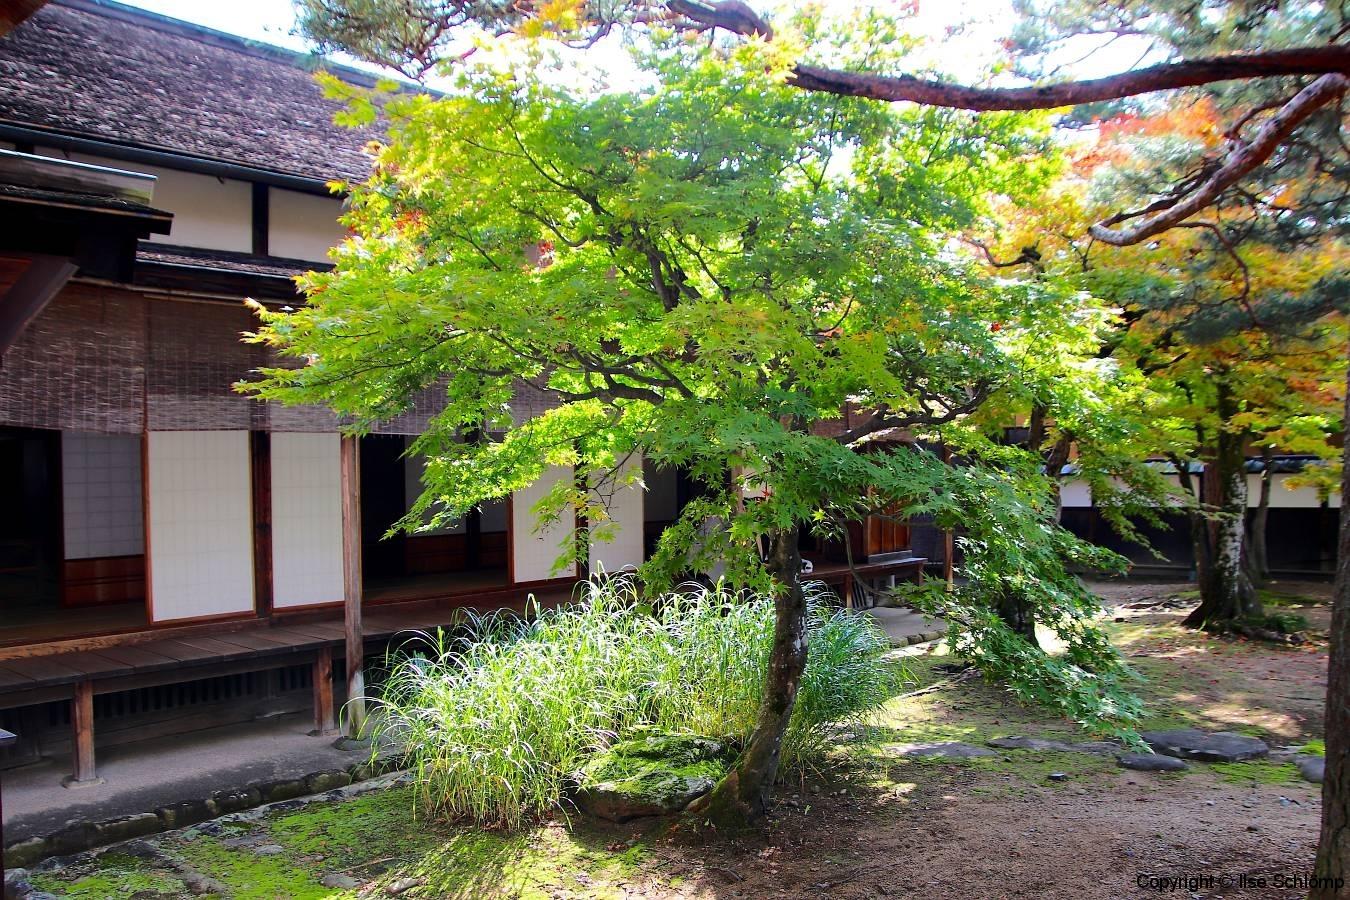 Japan, Takayama Jin'ya, Garten des Regierungsgebäudes